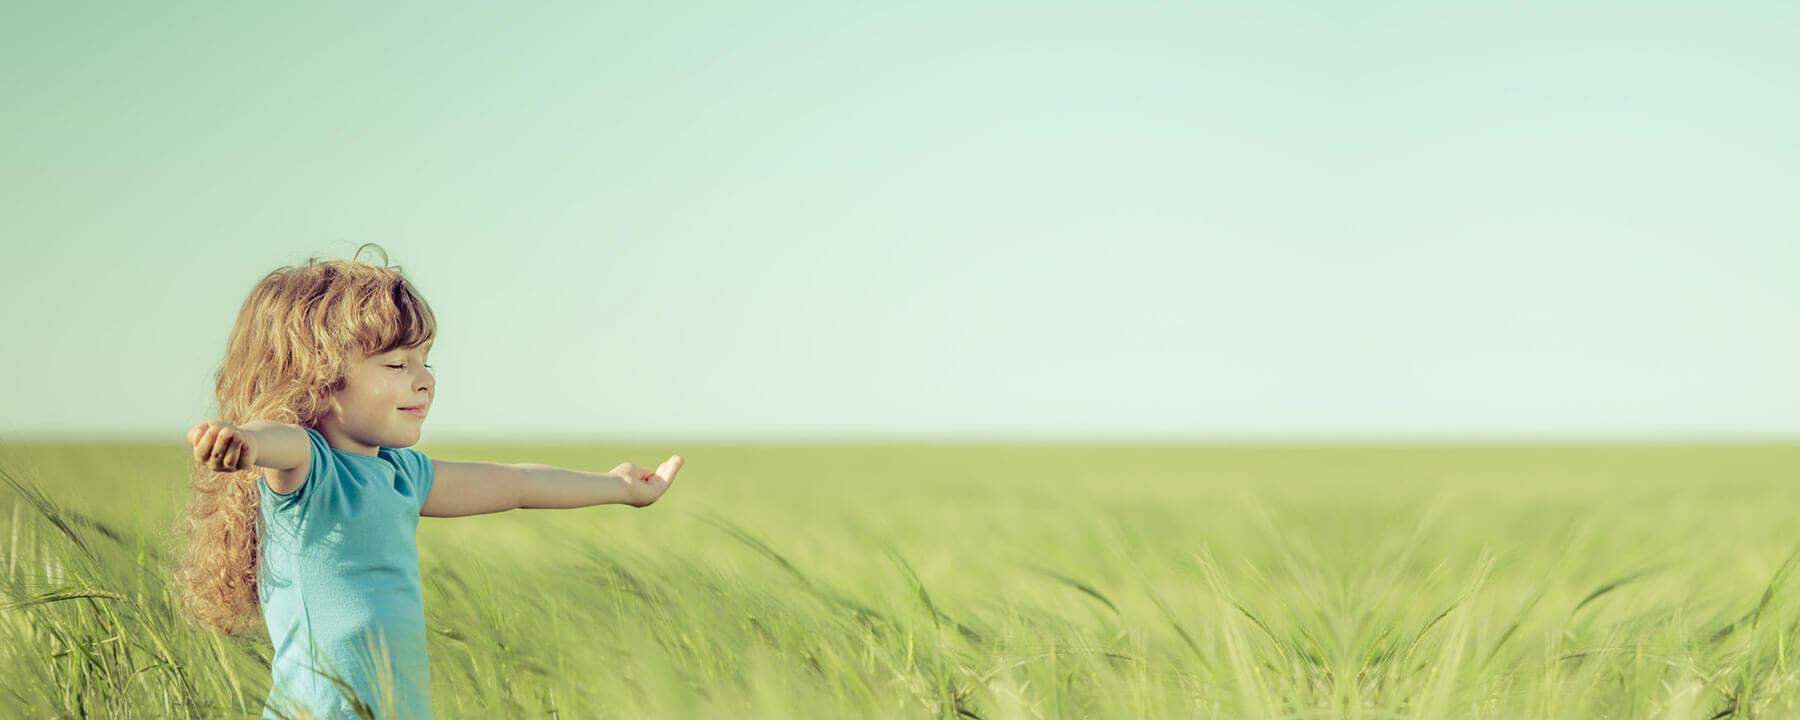 How can I do chakra meditation? 5